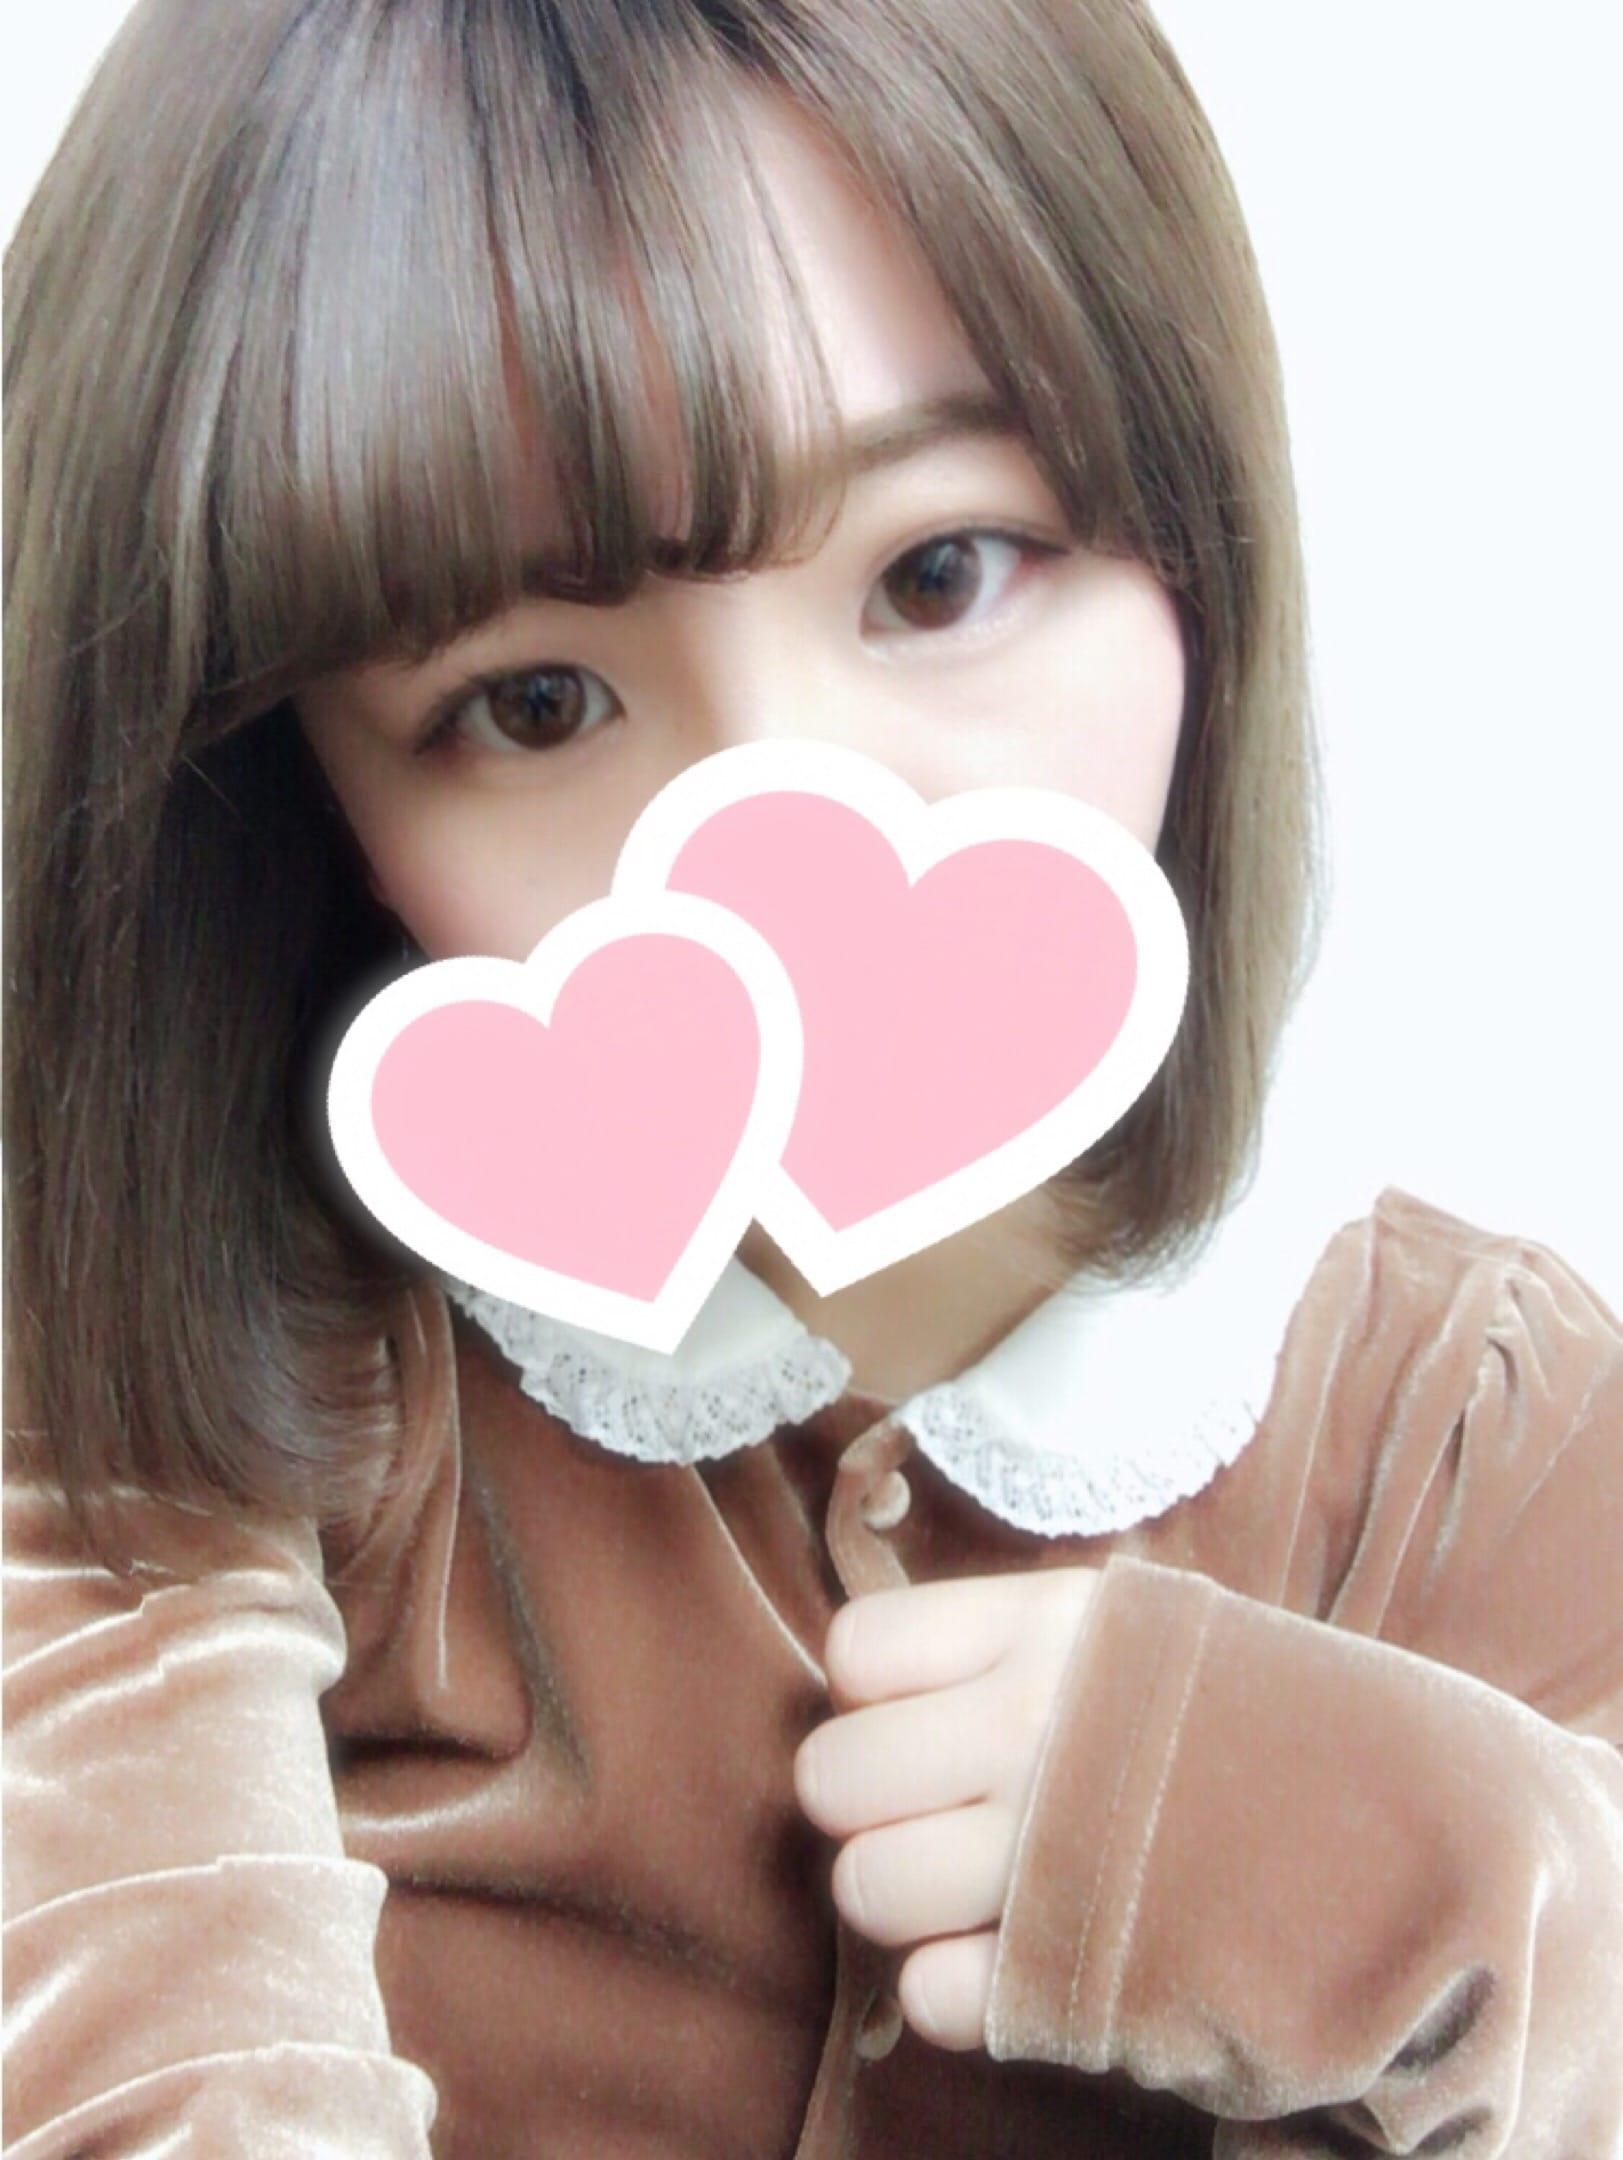 「みりあです」03/03(03/03) 17:04 | みりあちゃんの写メ・風俗動画